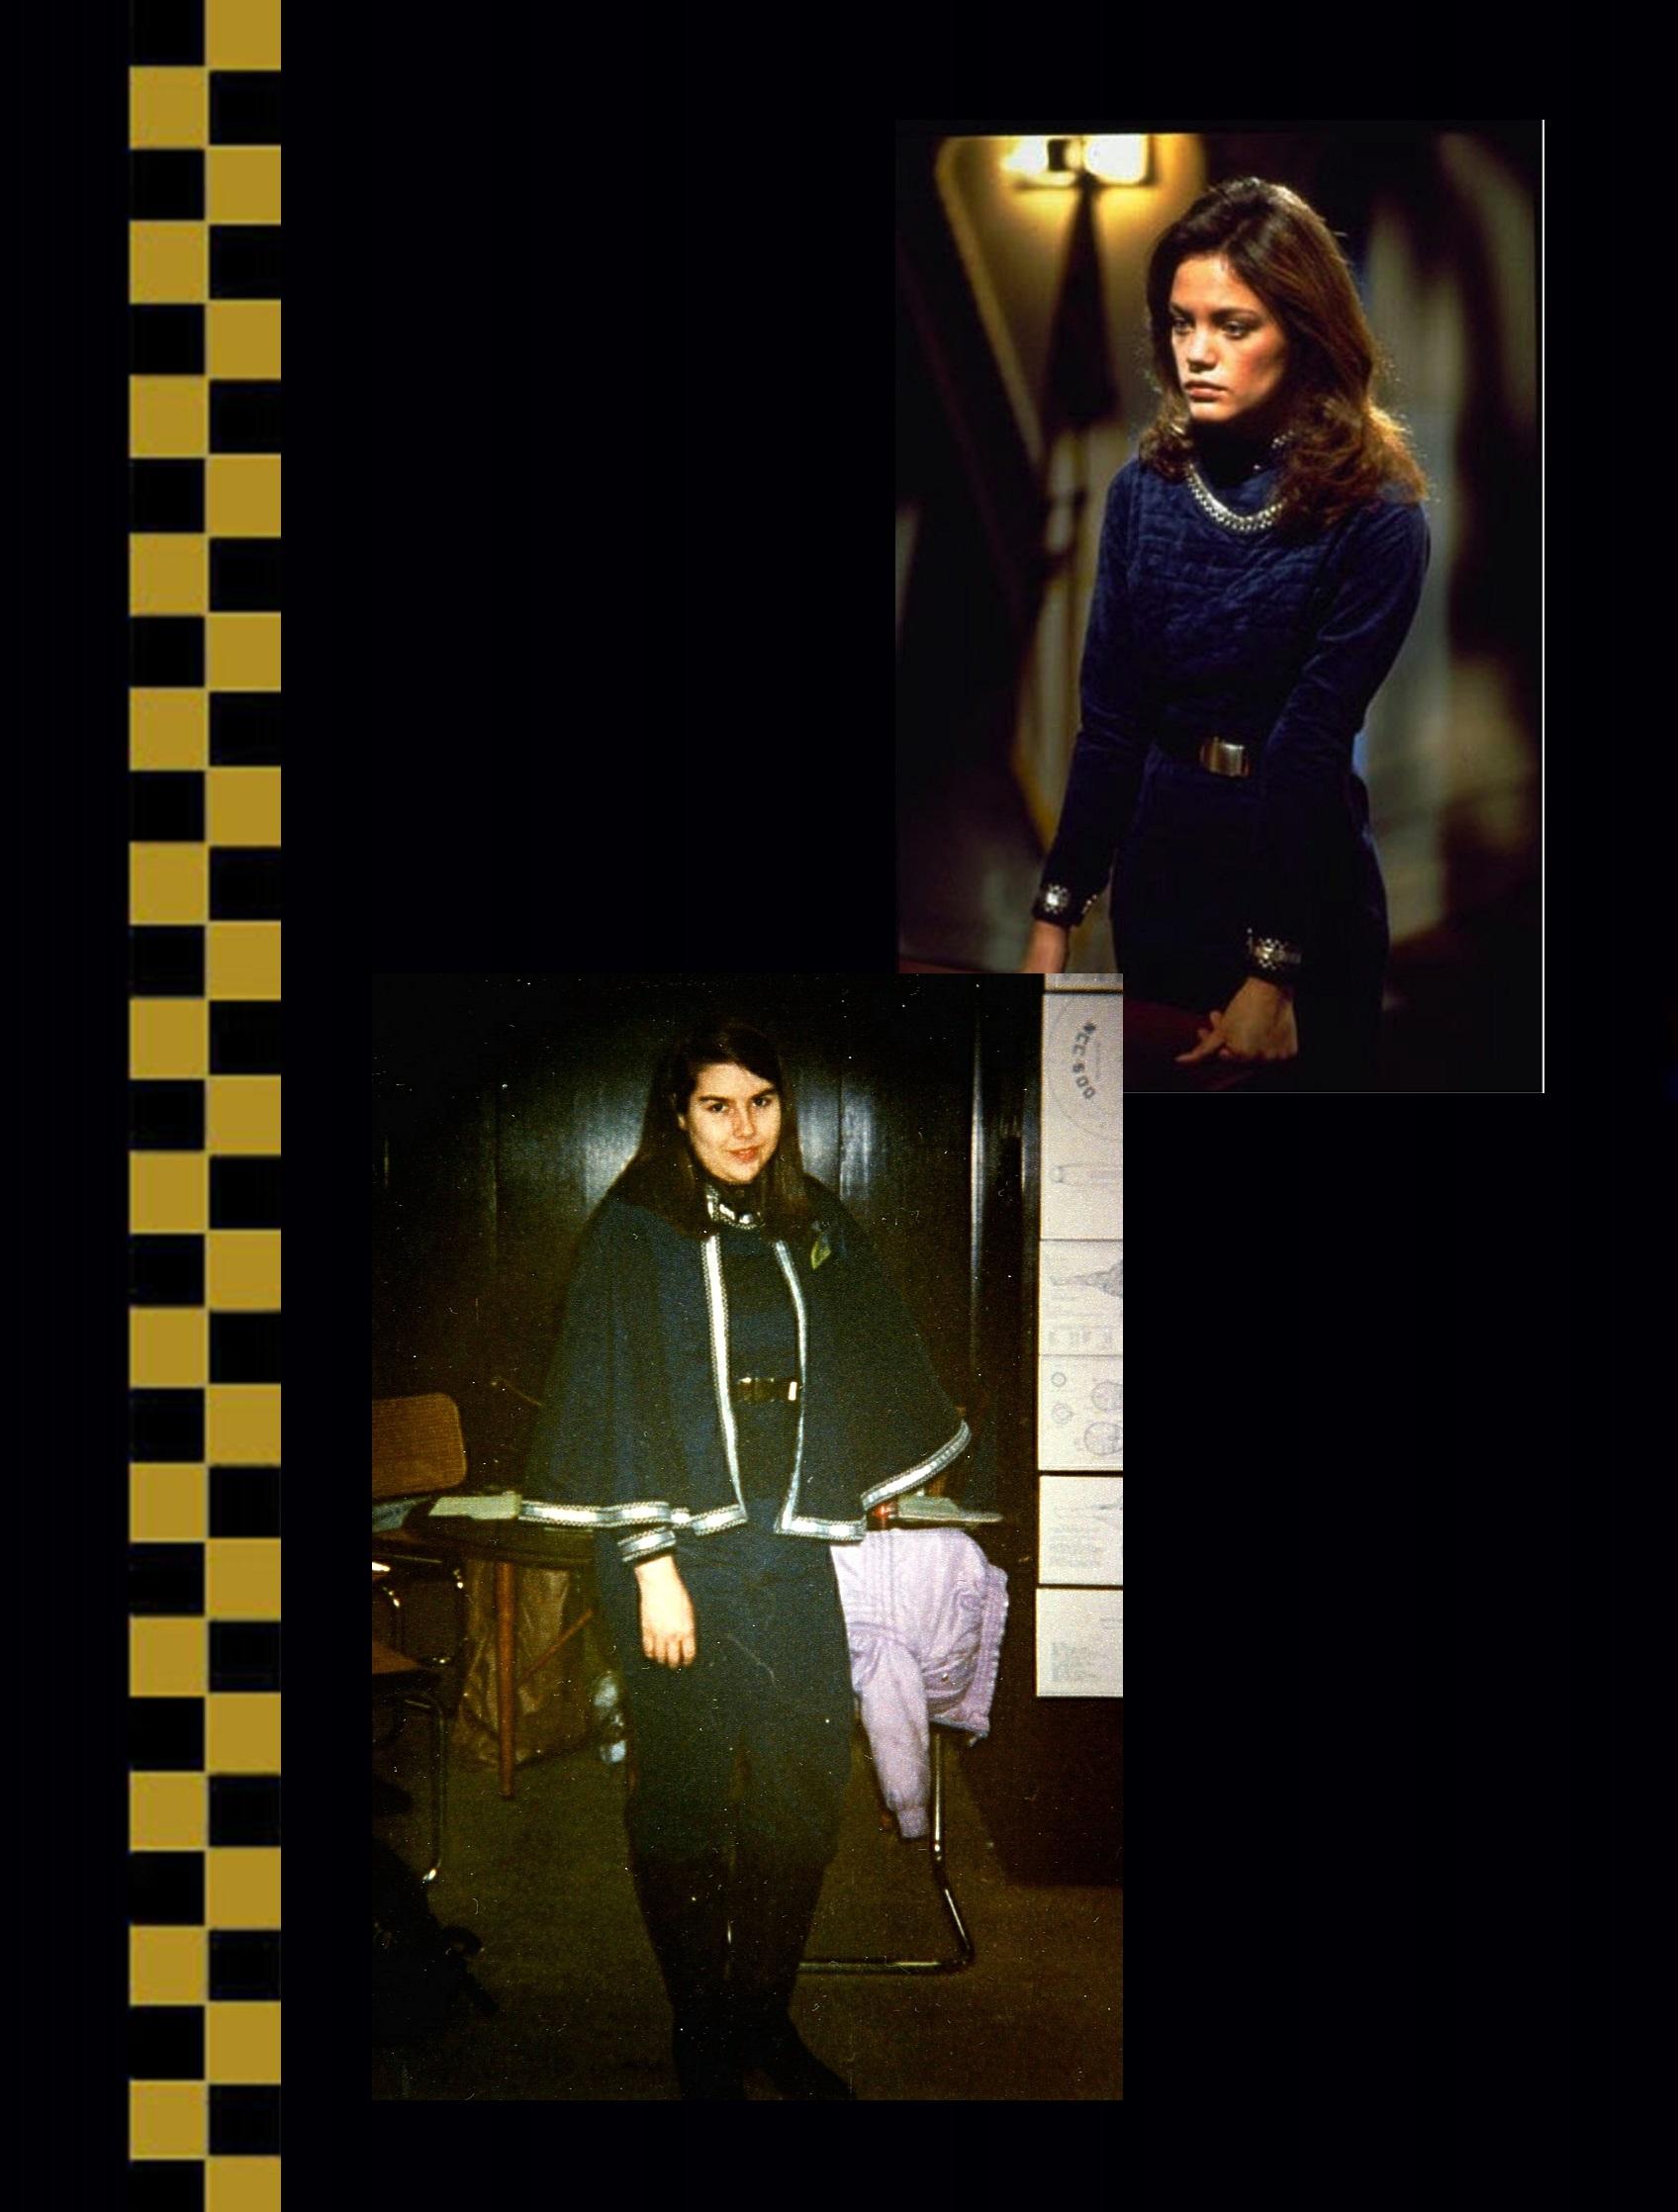 Galactica ridge officer uniform/officer dress blues